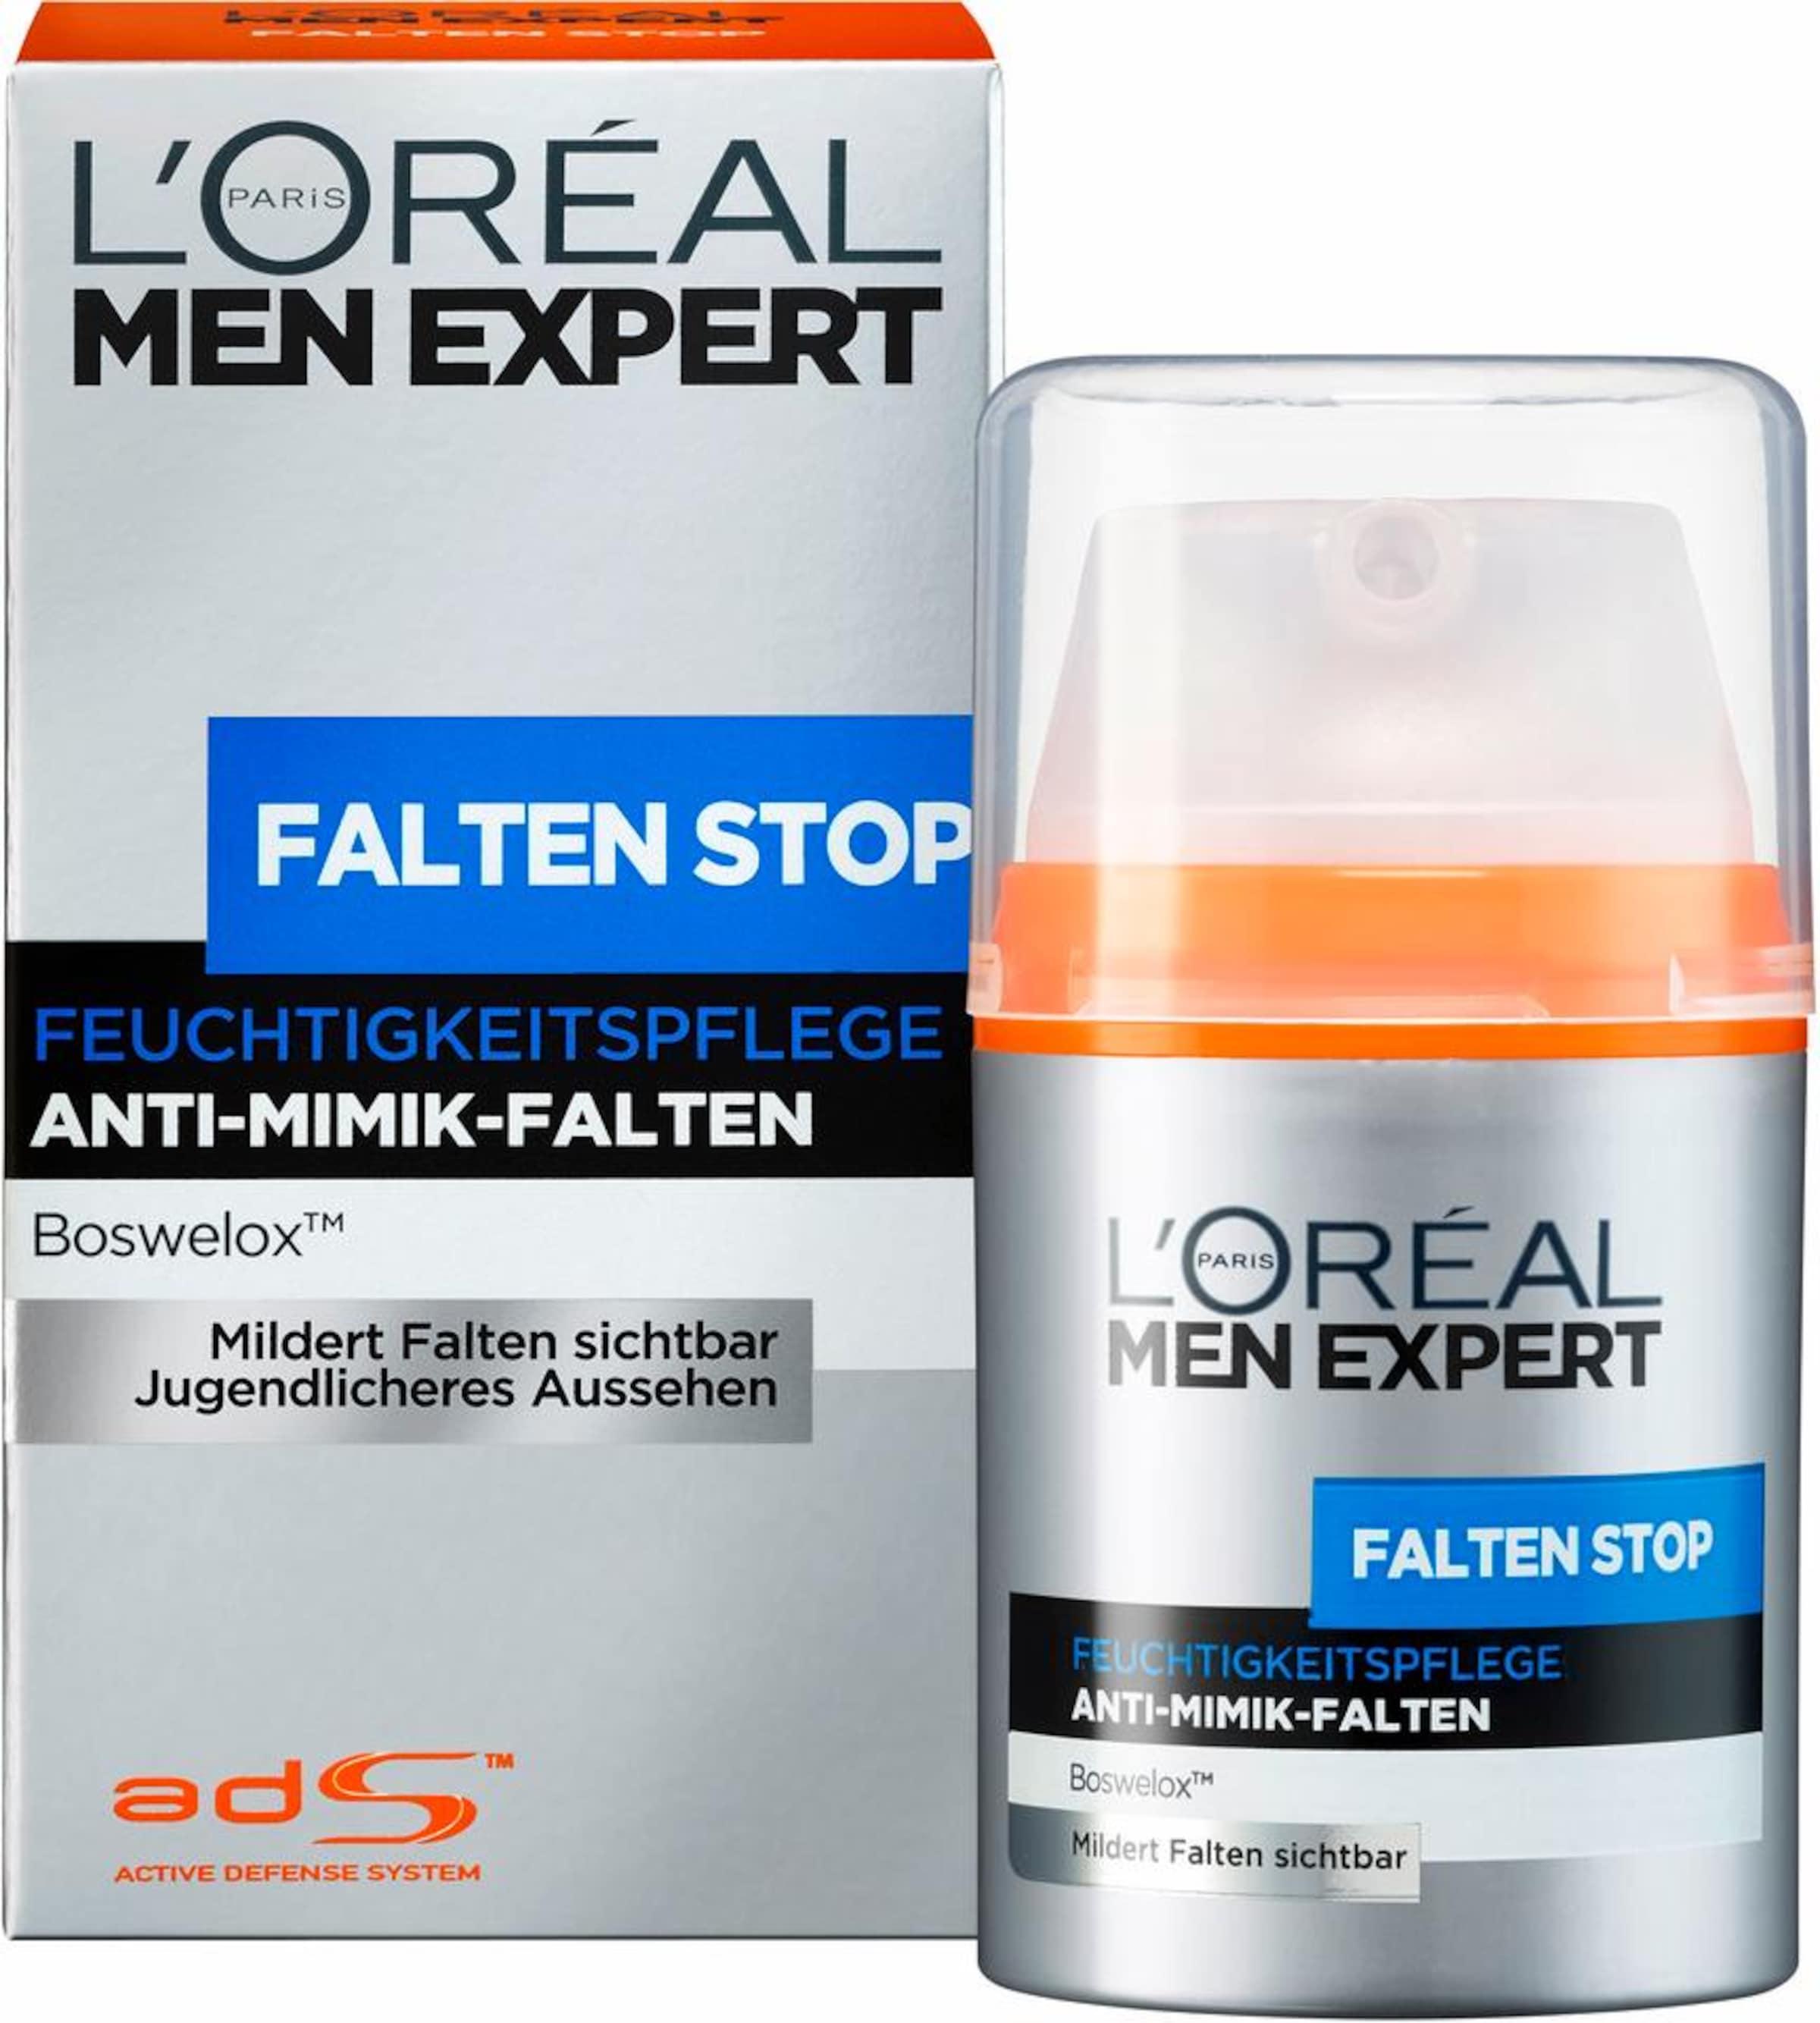 L'oréal Weiß Stop'Männerpflege Men 'falten In Paris Expert KlF1cJ